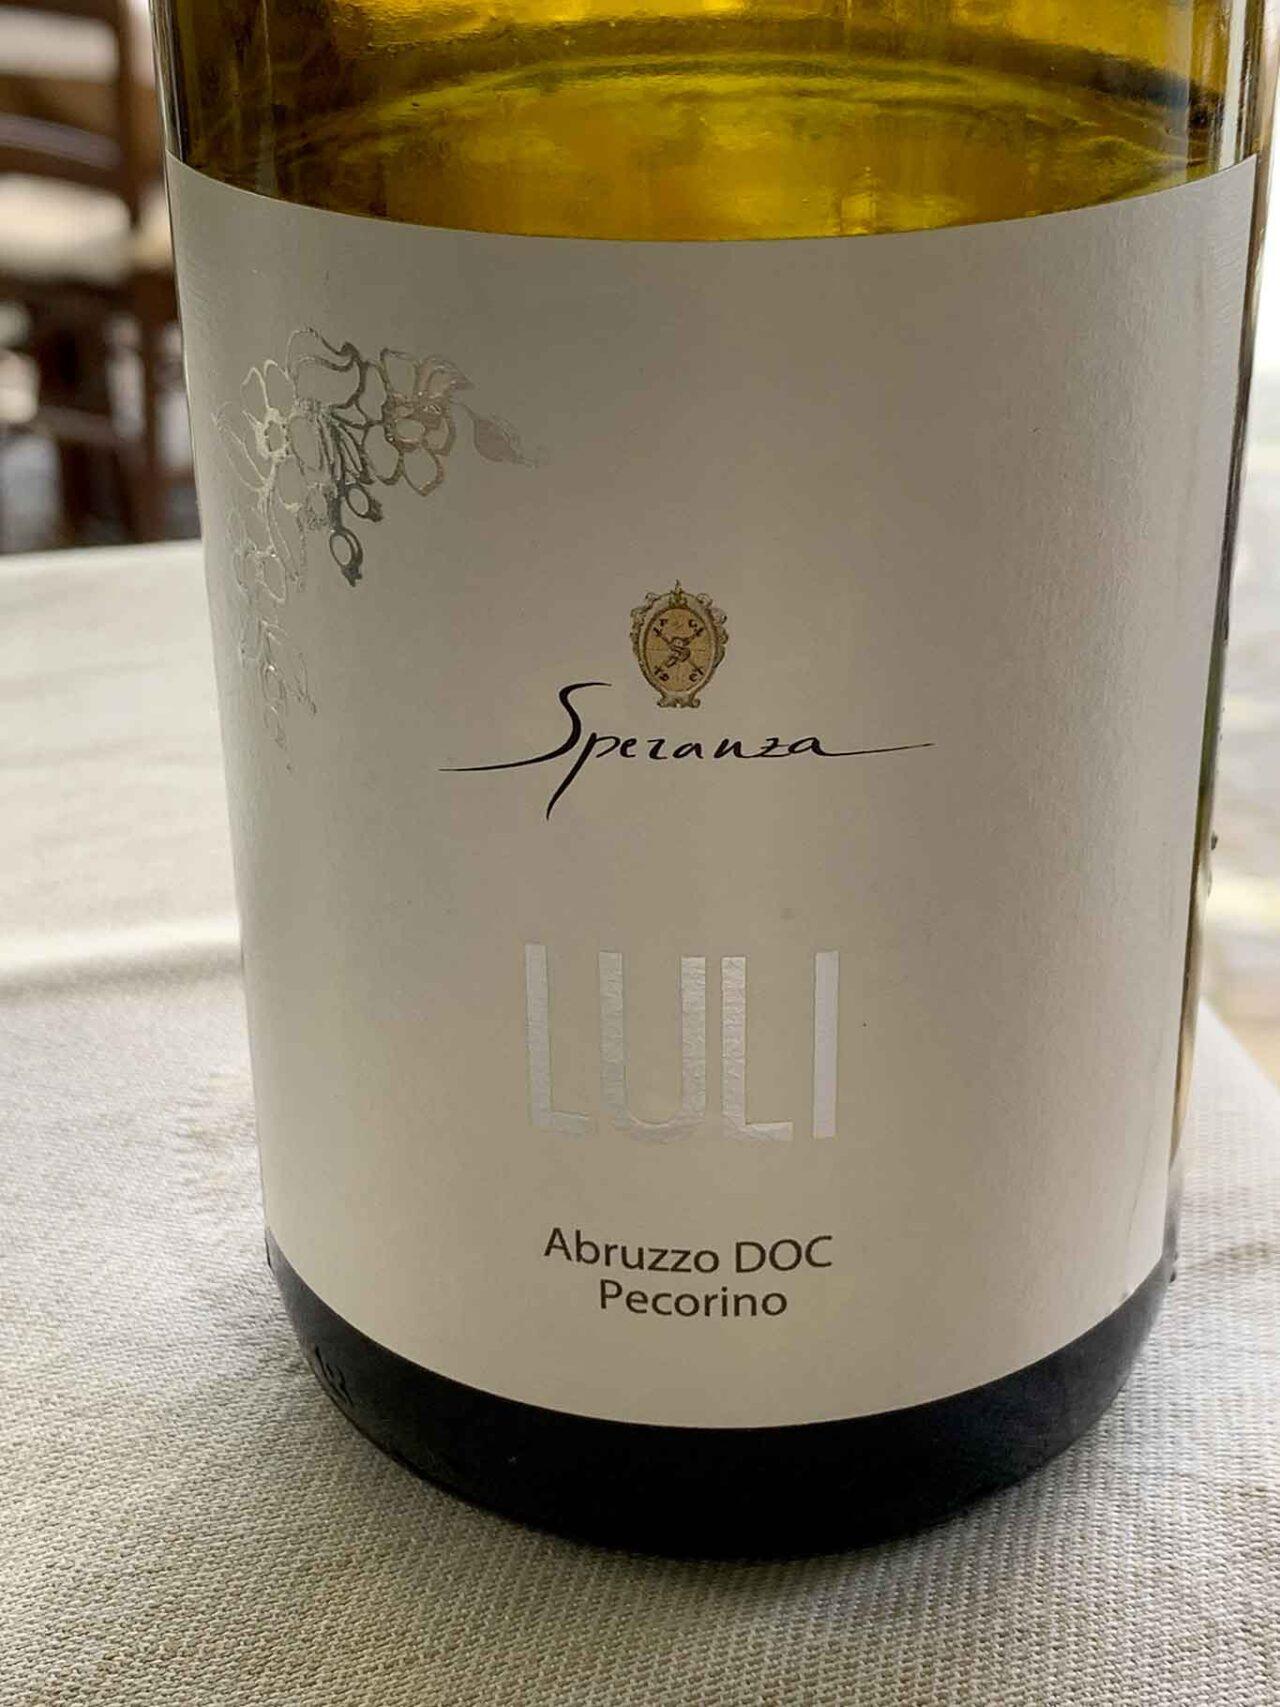 vino pecorino d'Abruzzo DOC 2020 dell'azienda agricola Speranza Edoardo